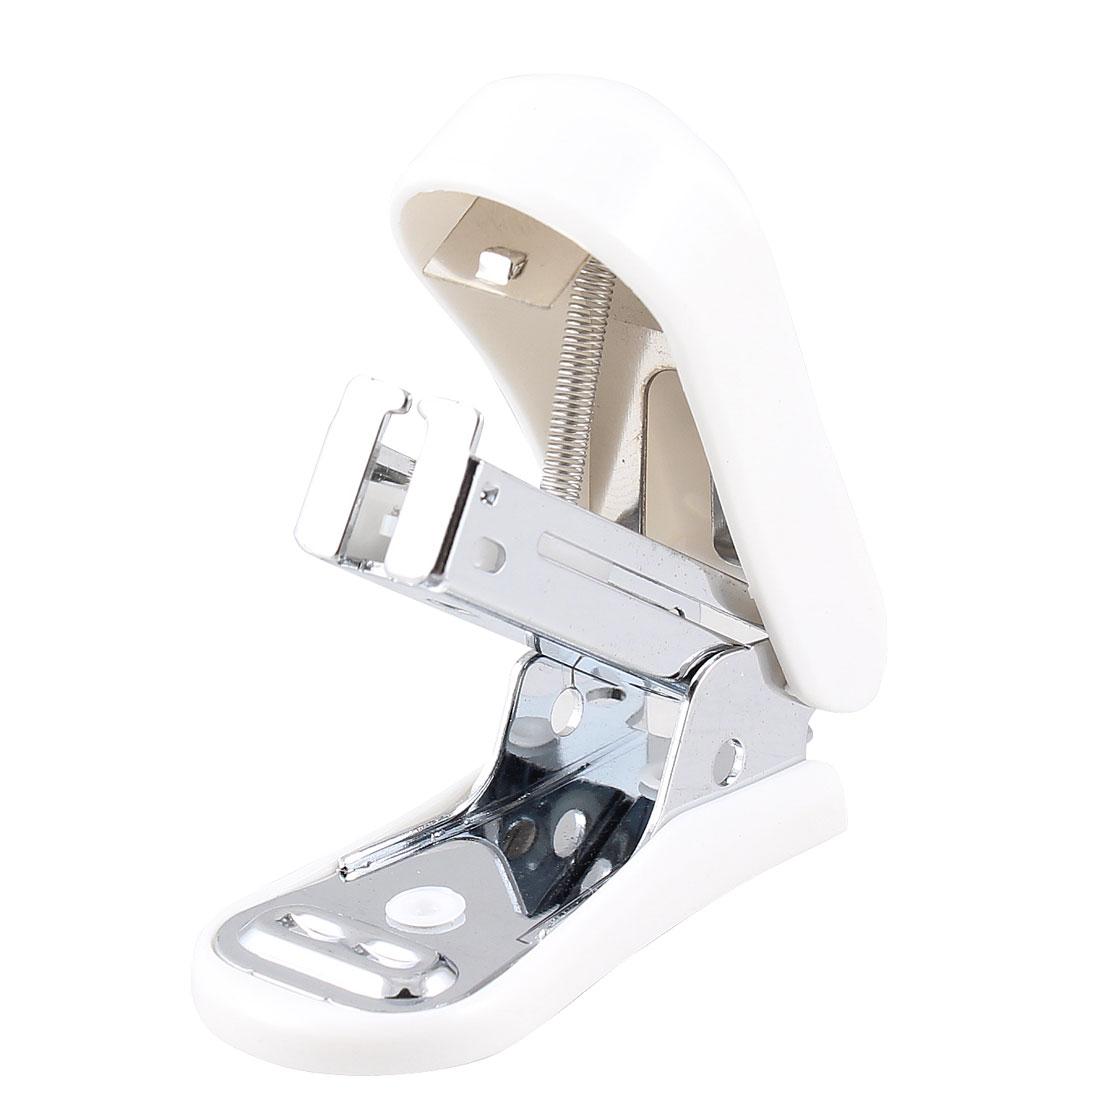 Remover Back Offwhite Plastic Shell Office Stapler w 640 Pcs NO.40 Staples